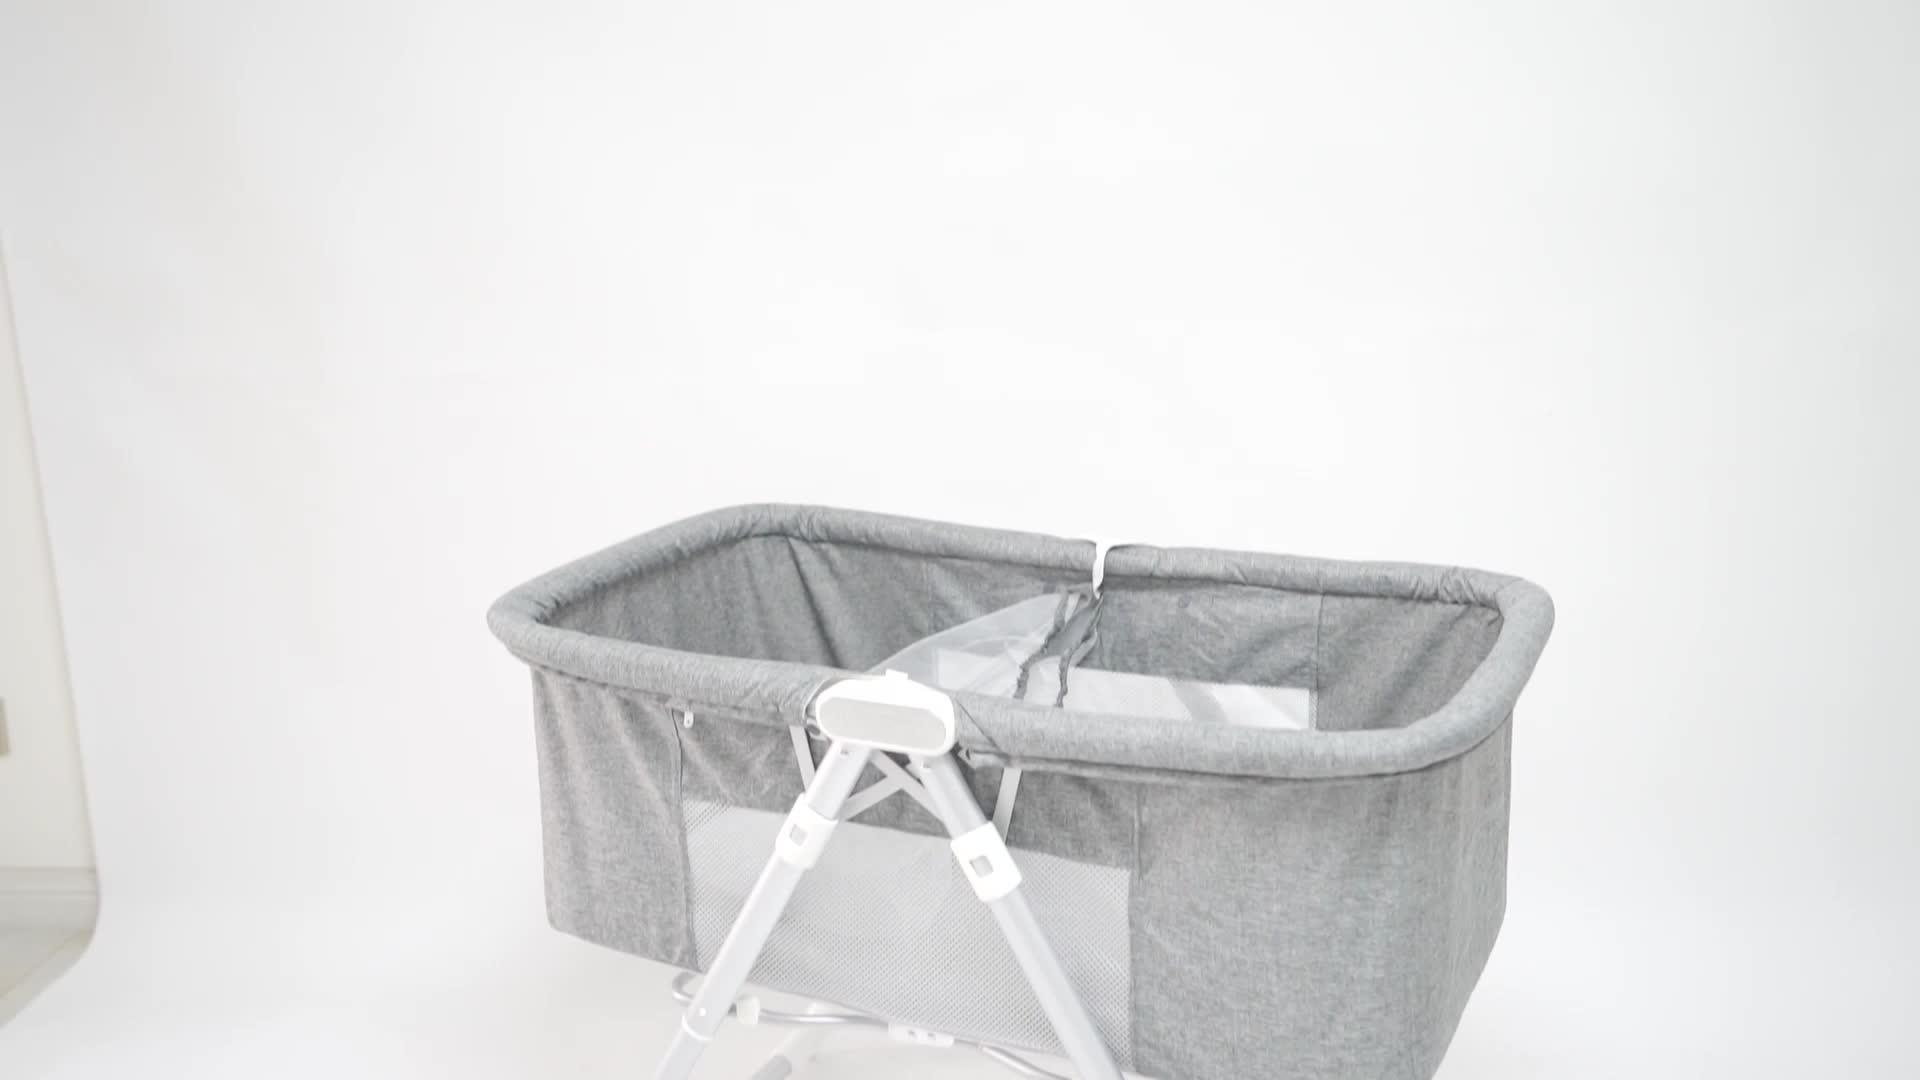 Klapp Mechanismus Entwickelt Tragbare Baby Bett Co-sleeper Stubenwagen für Baby